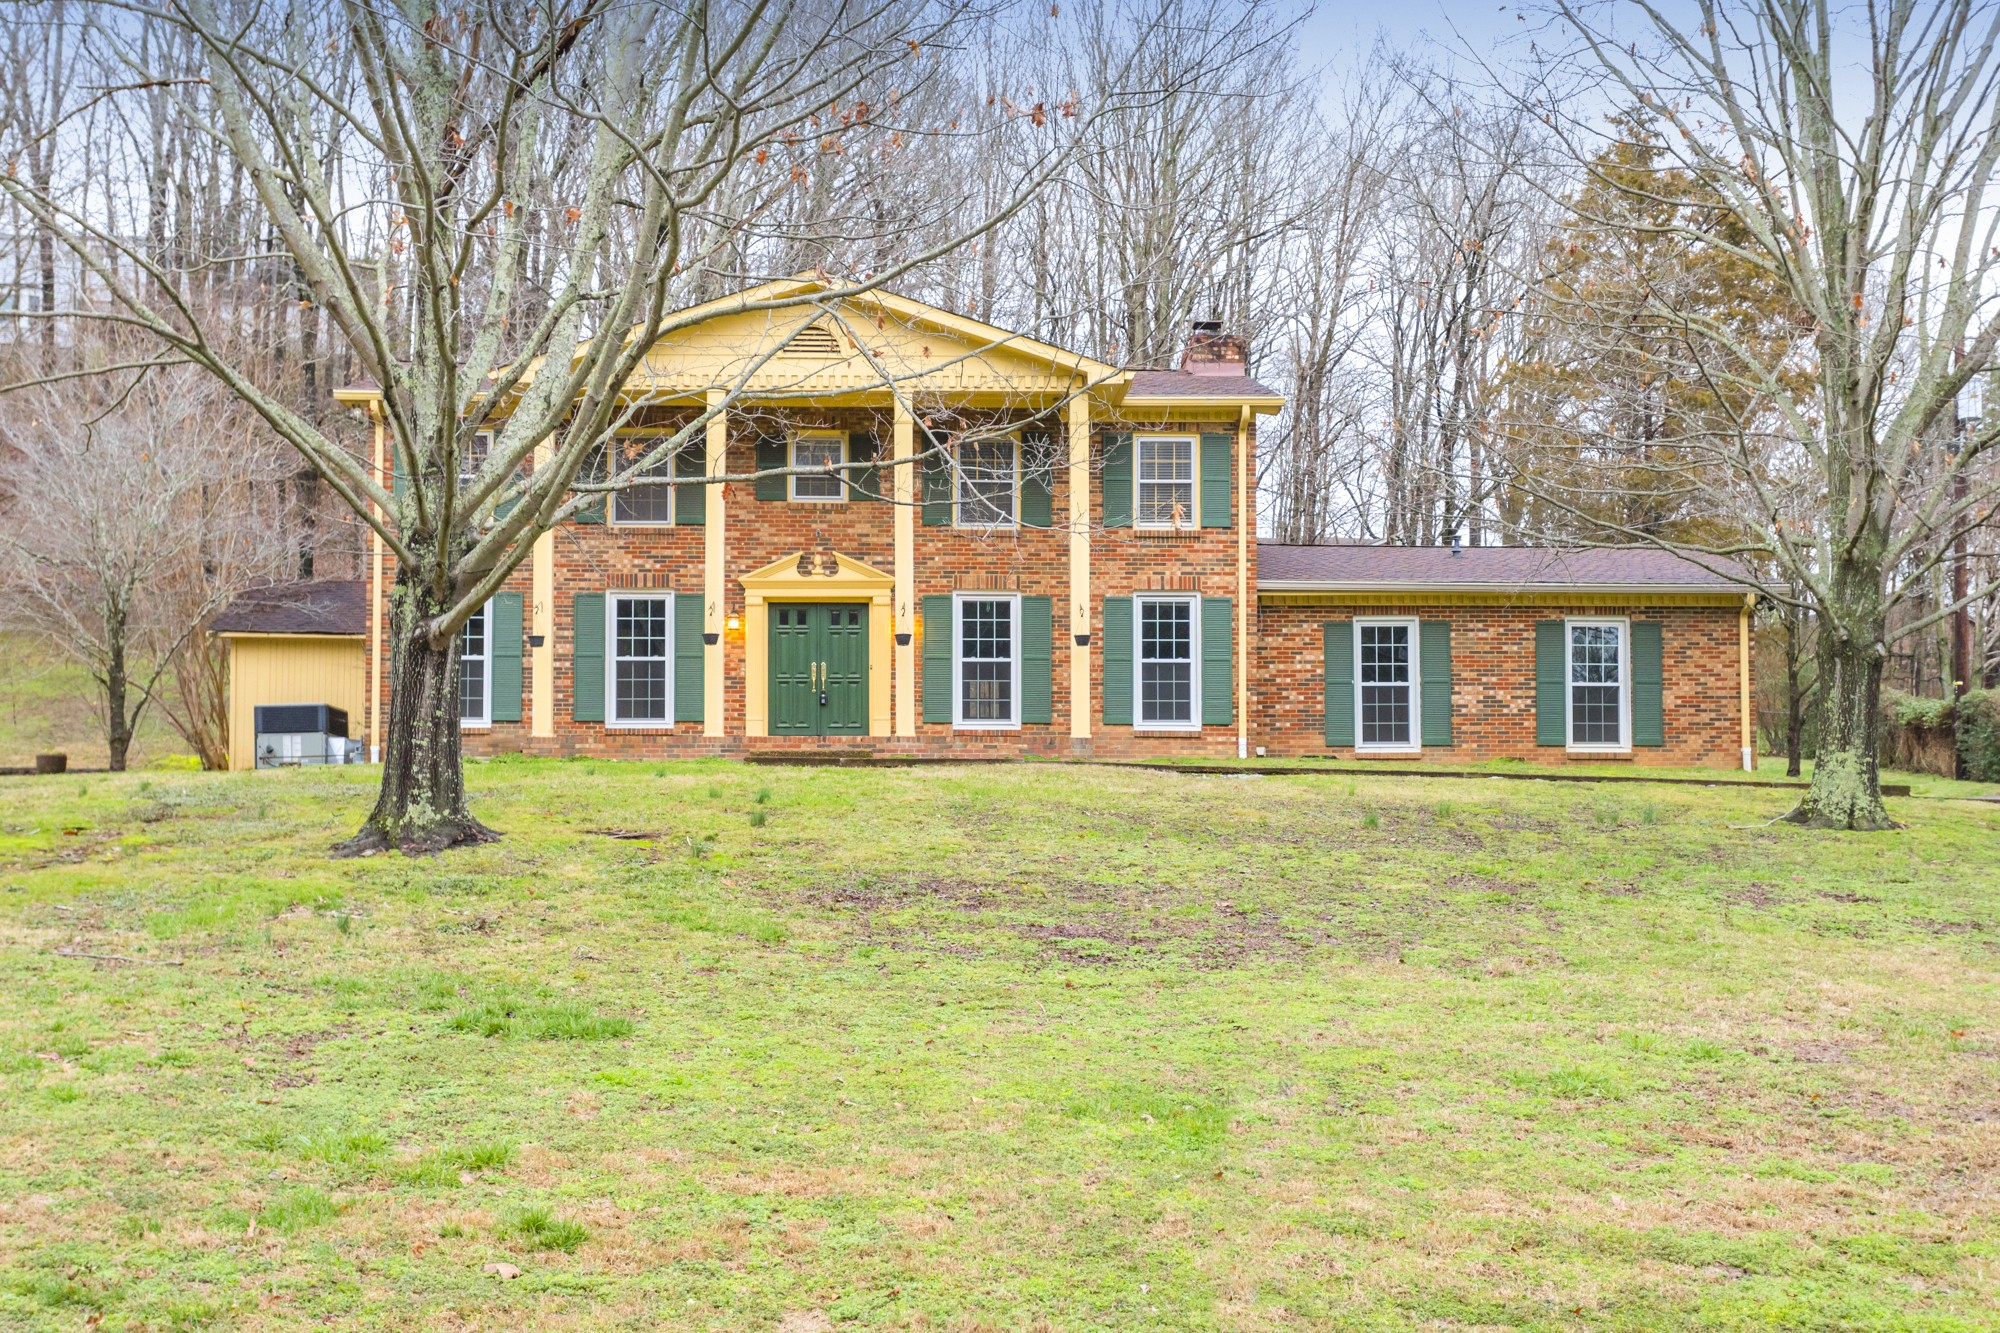 7366 Bridle Dr, Nashville, TN 37221 - Nashville, TN real estate listing